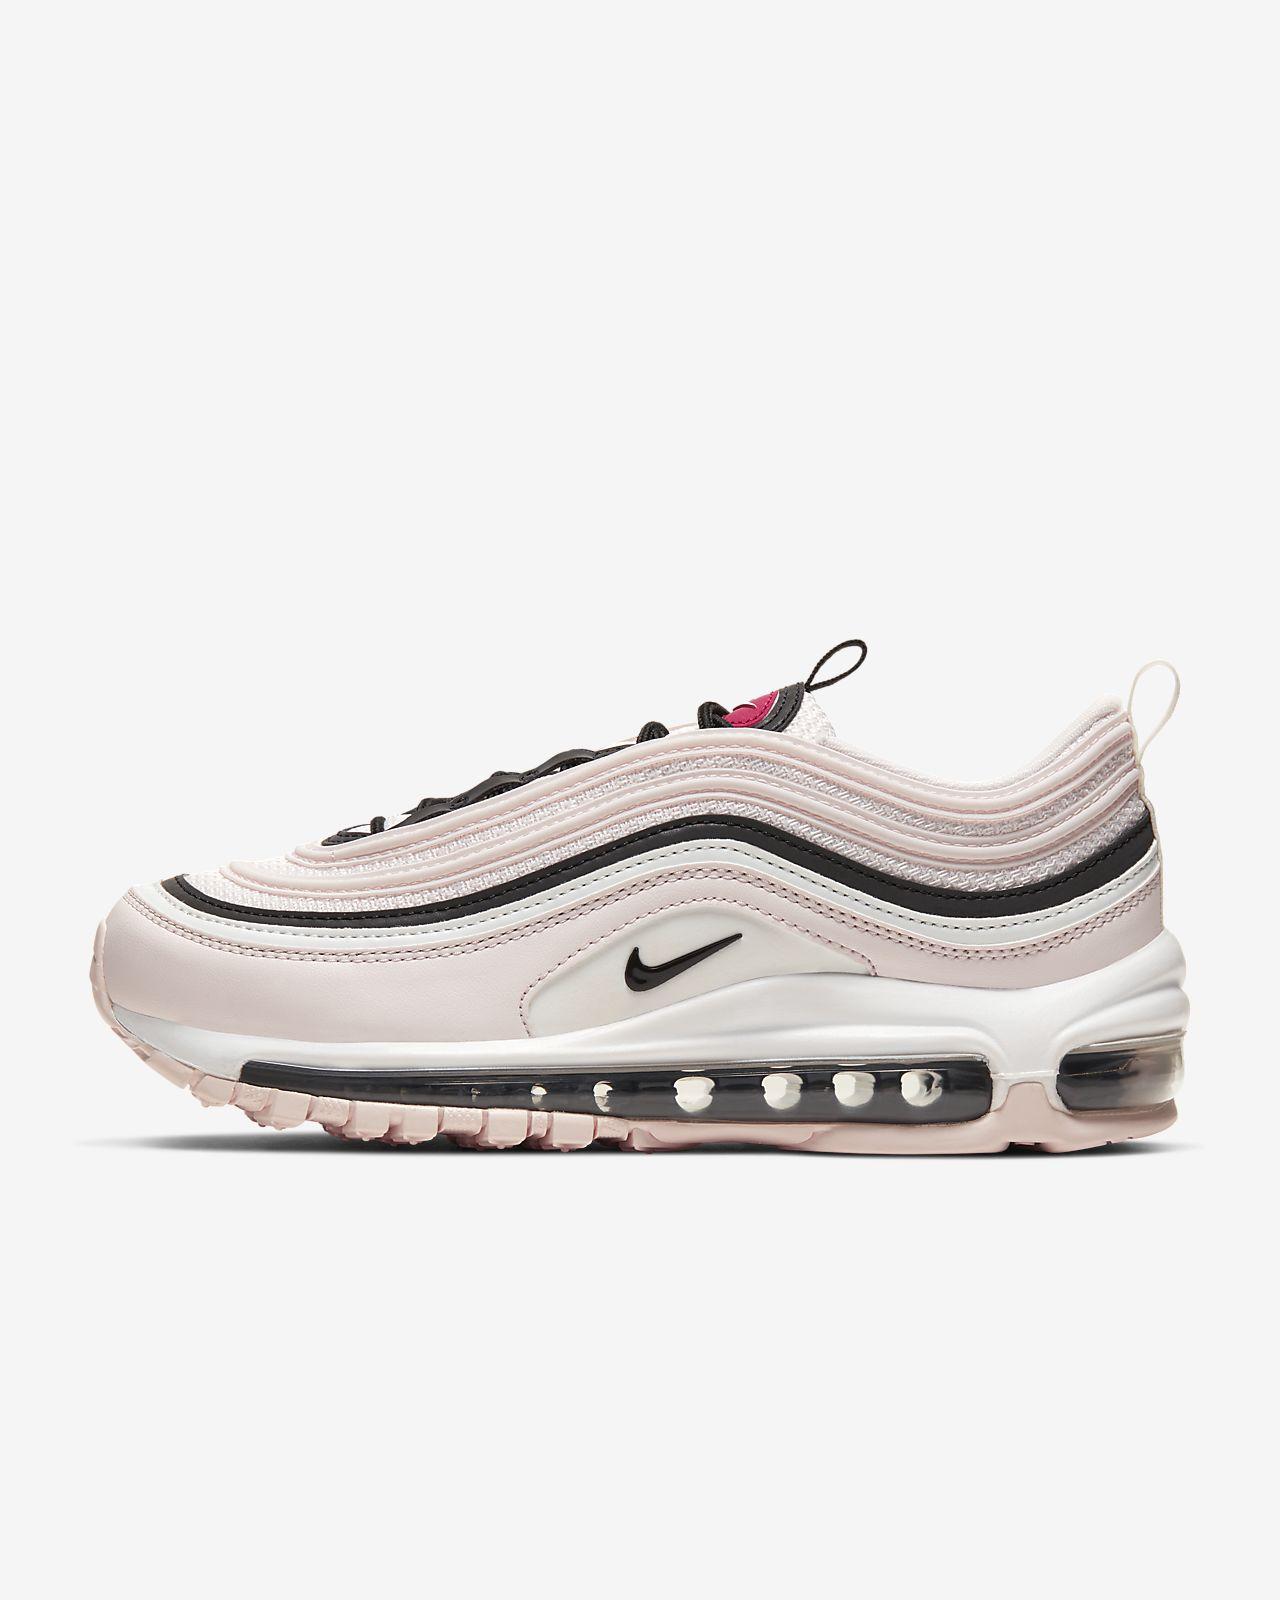 Zapatillas Nike Baratas,Air Max 97 Og Negras Para Mujer